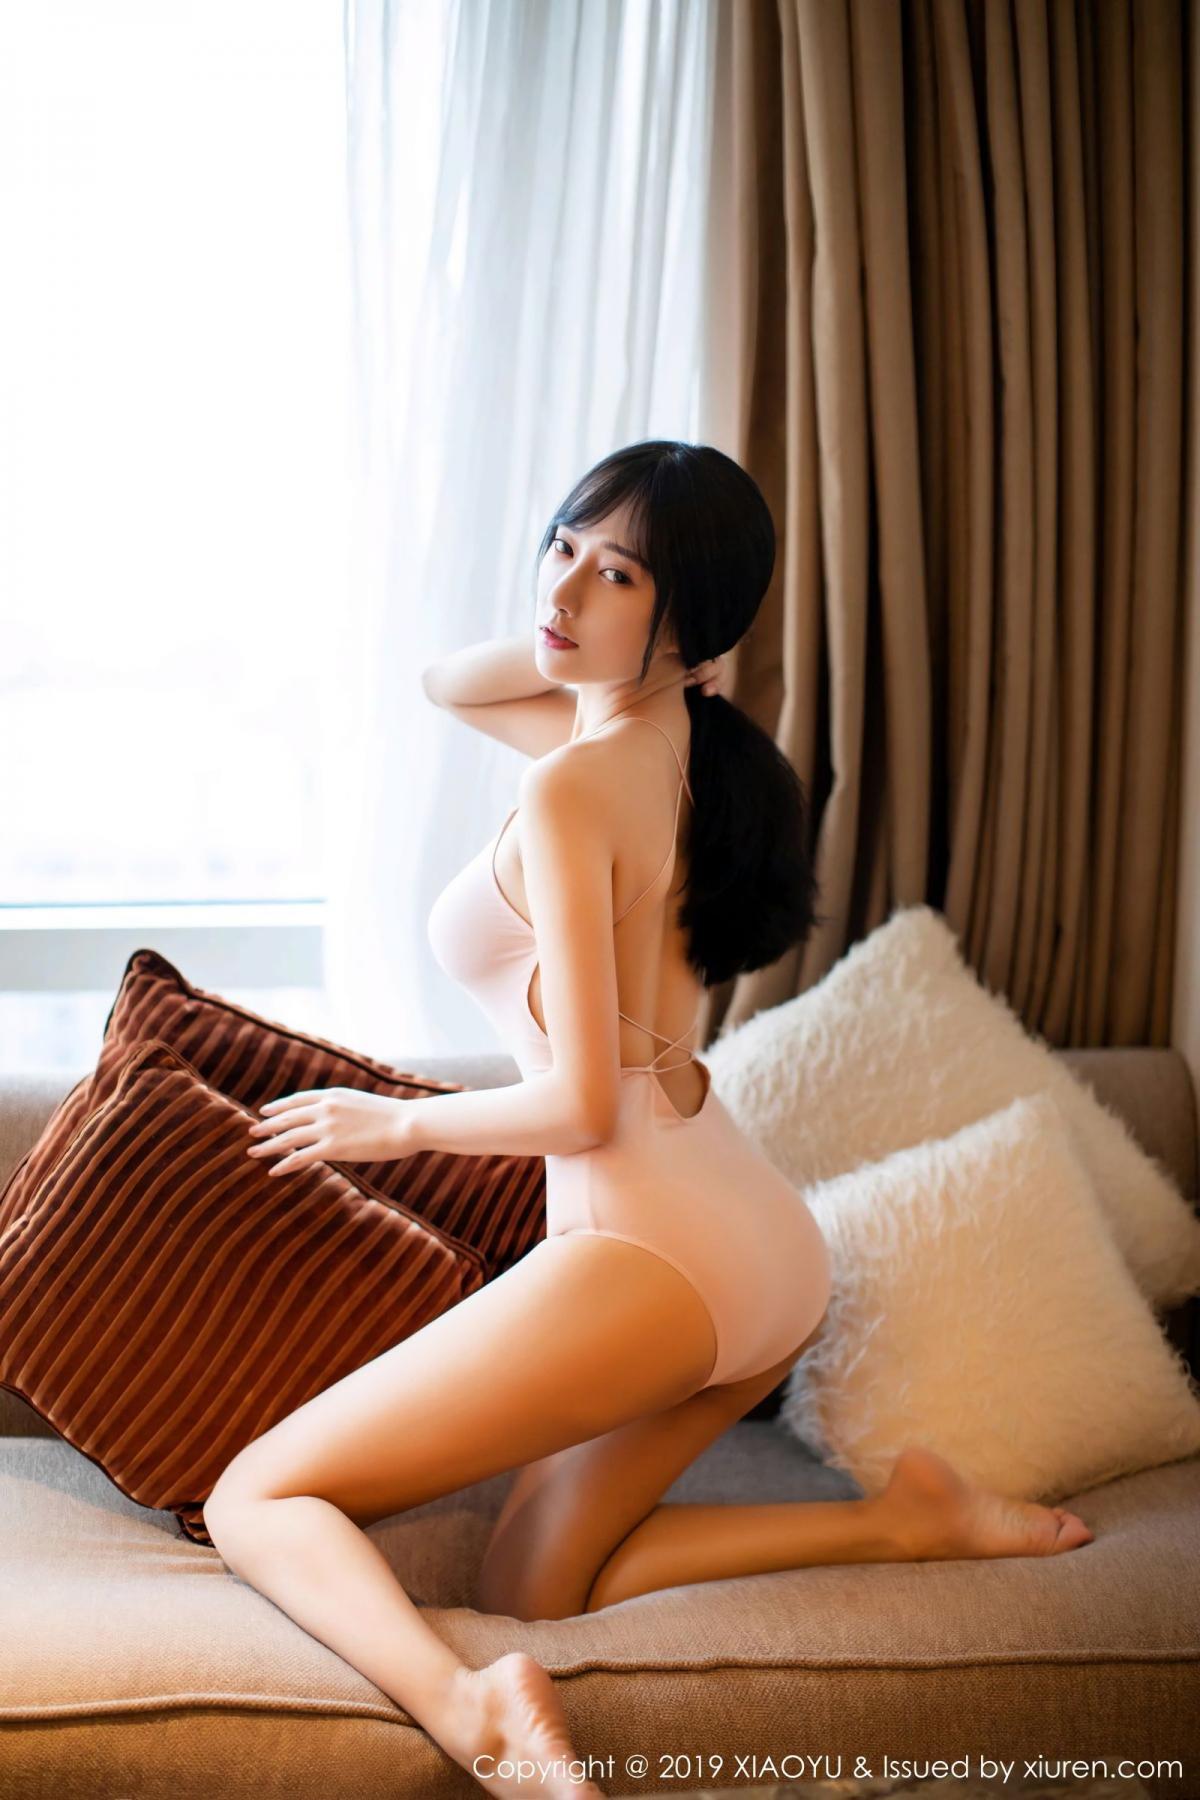 [XiaoYu] Vol.097 He Jia Ying 13P, He Jia Ying, Tall, XiaoYu